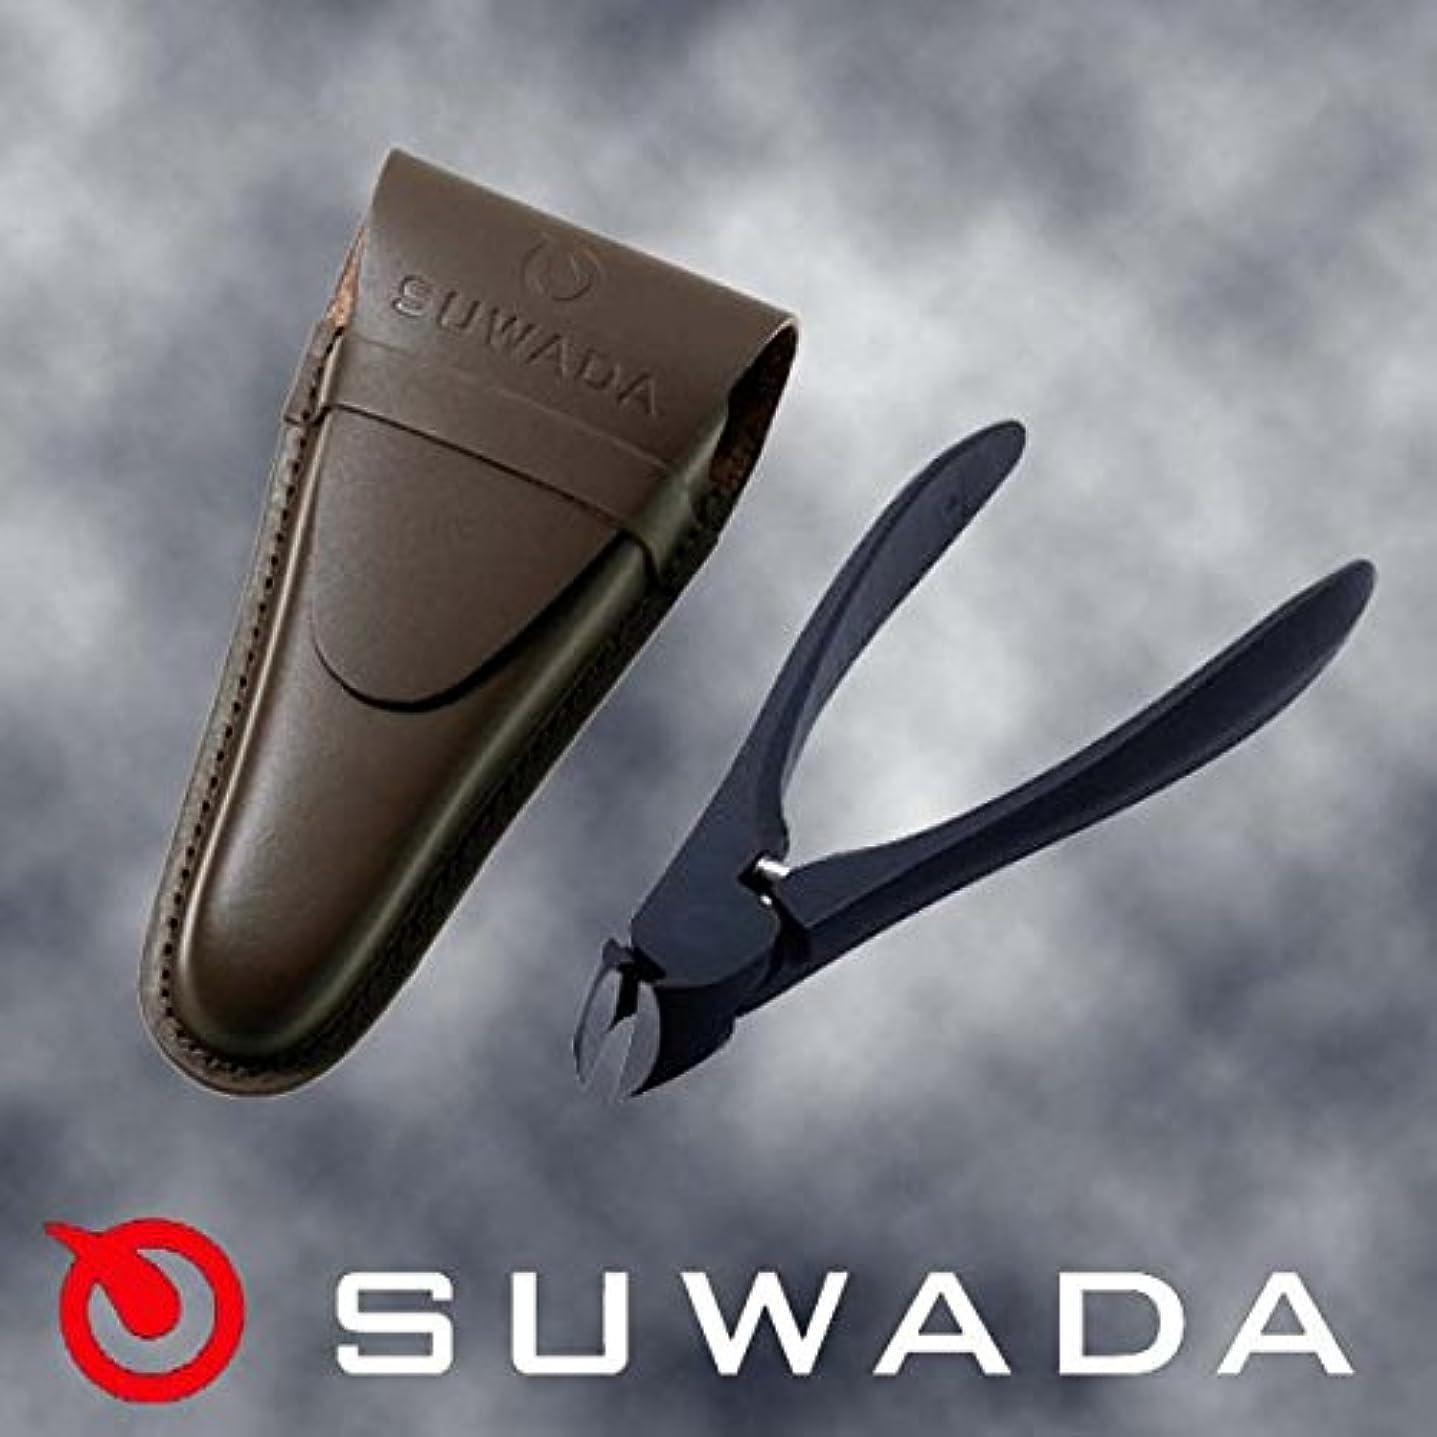 セクション障害高価なSUWADA 爪切りブラックS&ブラウン革ケースセット 諏訪田製作所 スワダ爪切り